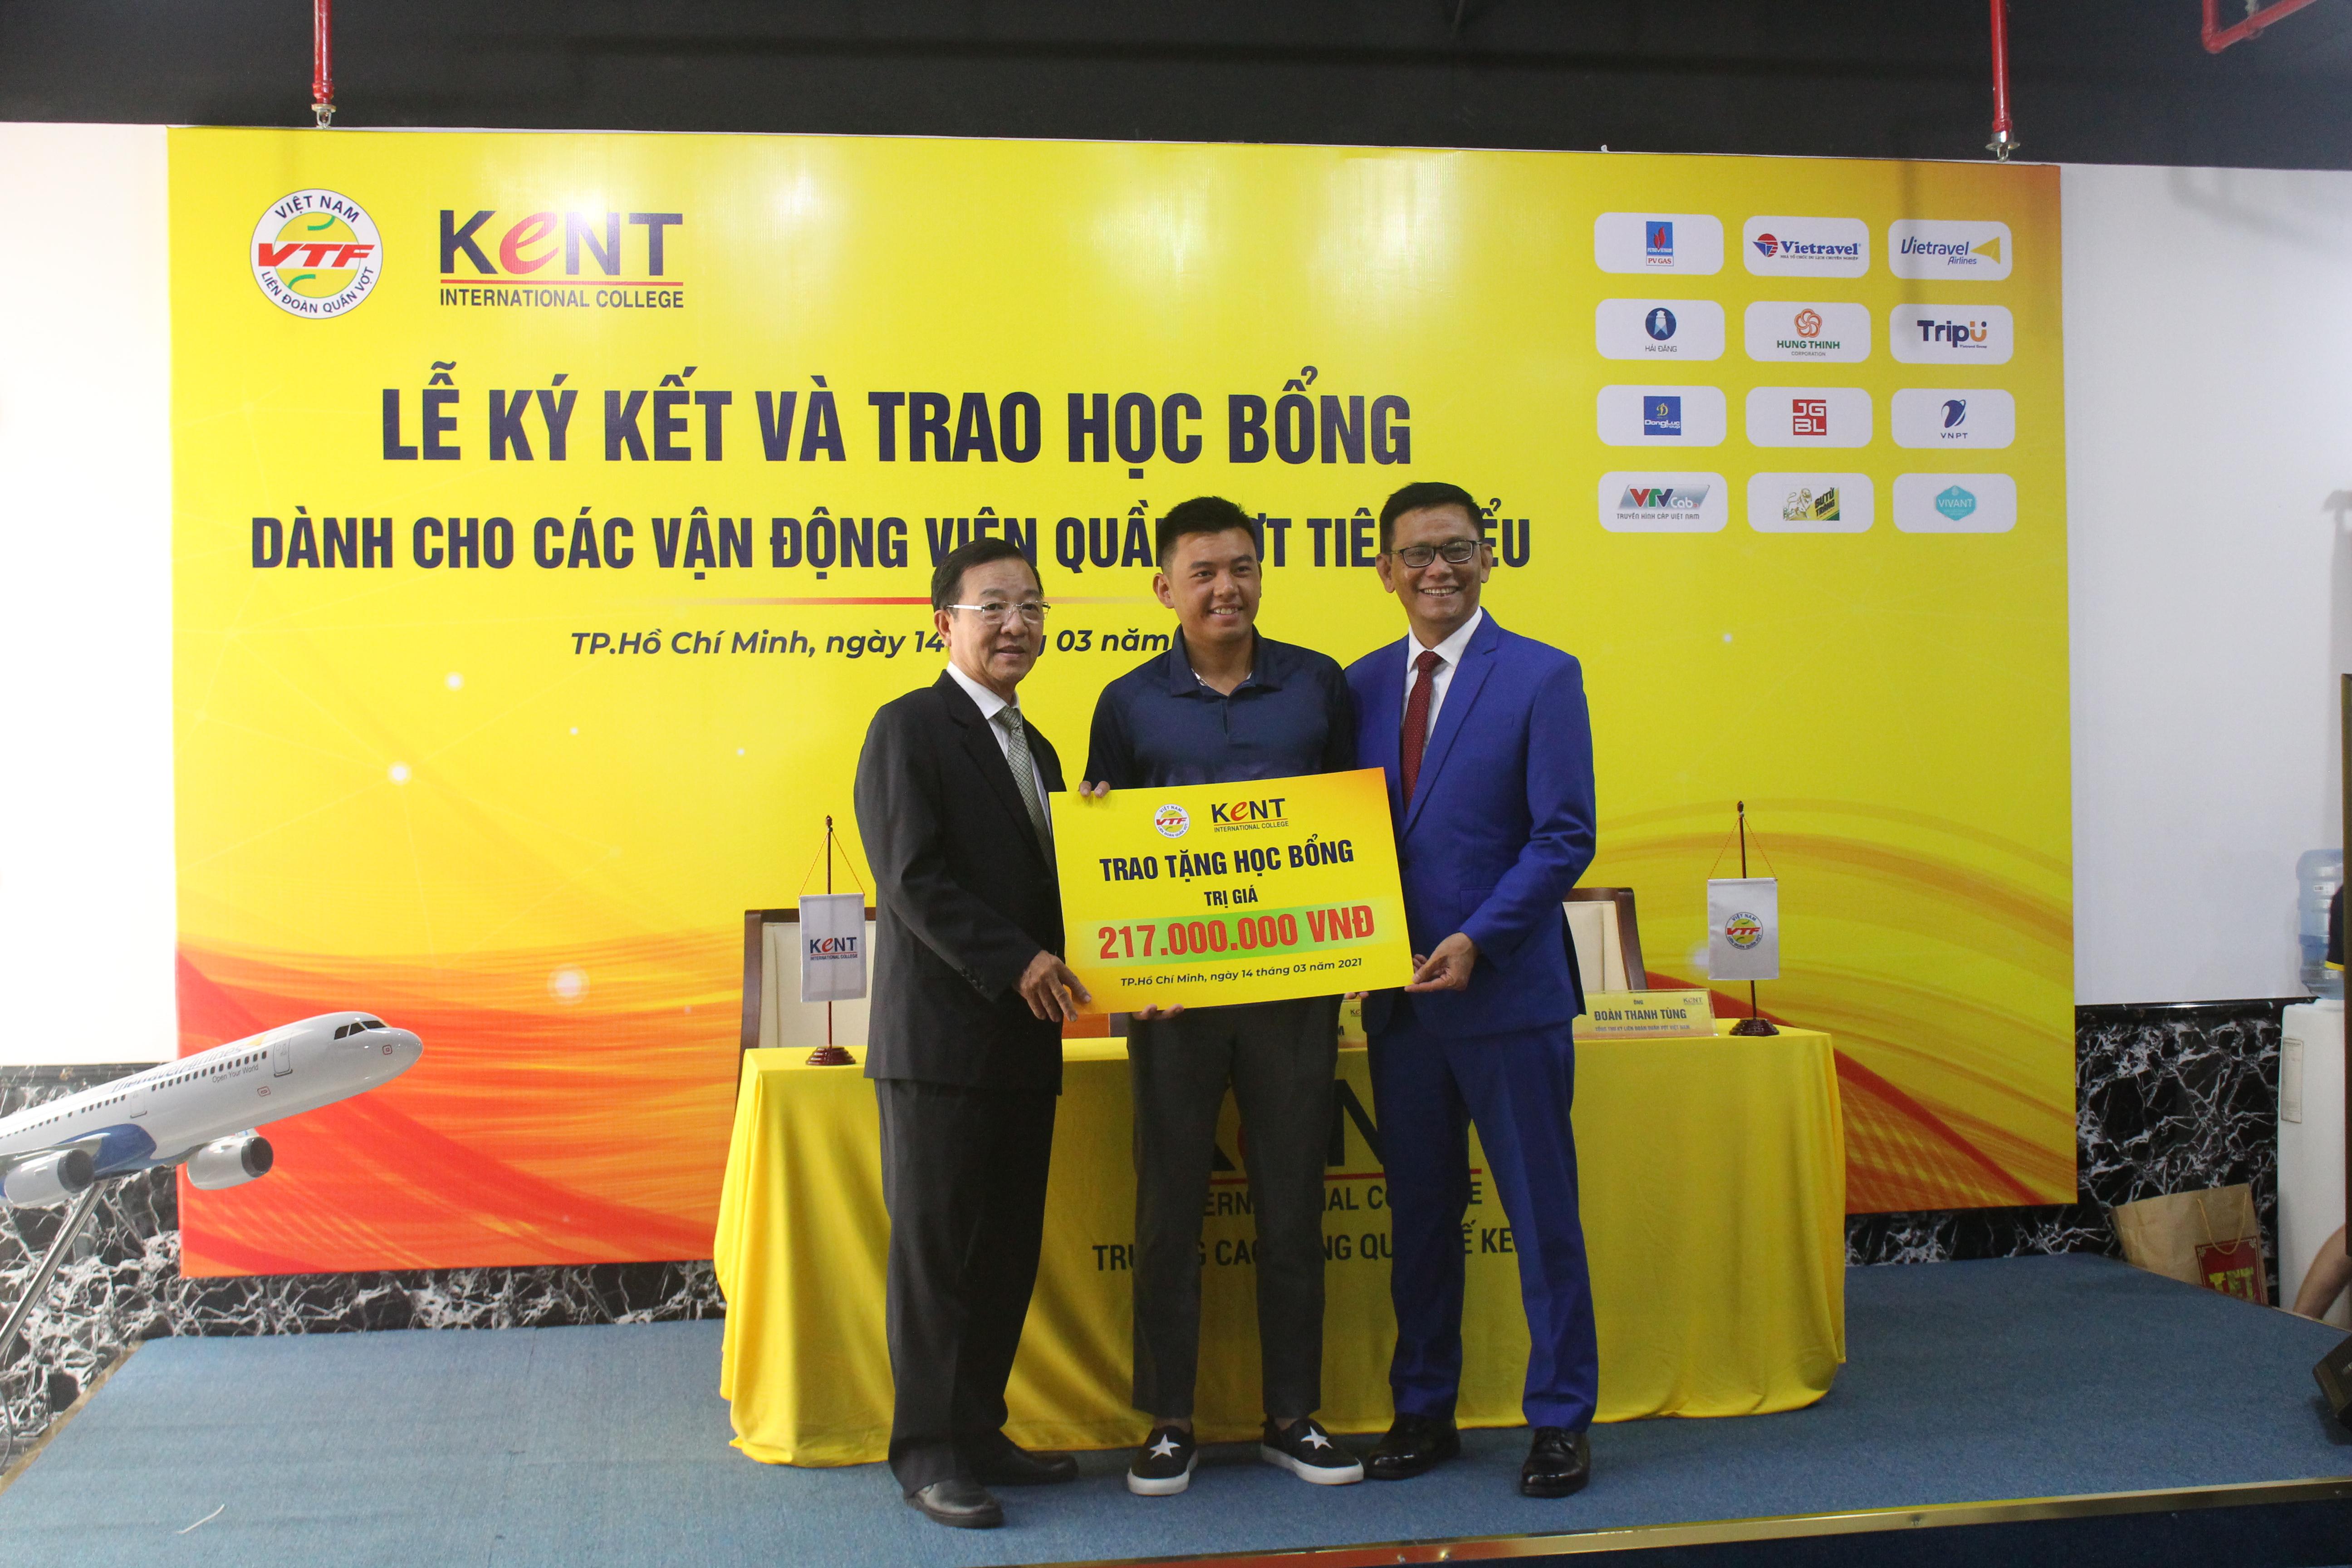 Hình ảnh: Lý Hoàng Nam cùng 3 VĐV quần vợt nhận học bổng của trường Cao đẳng Quốc tế Kent số 6